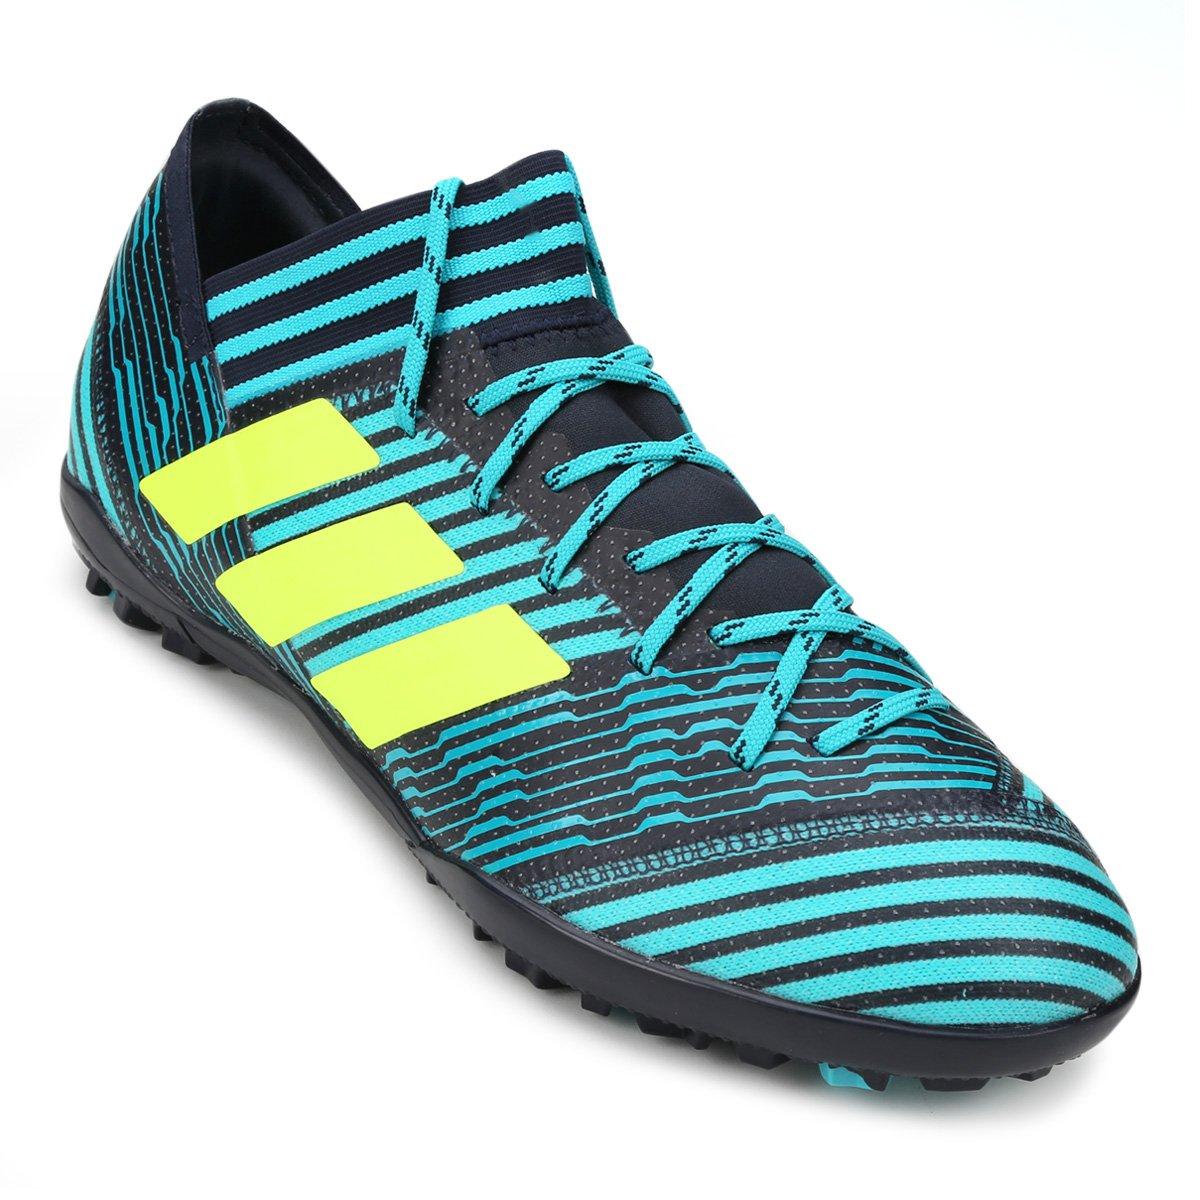 8eb6de6f22 Chuteira Society Adidas Nemeziz 17.3 TF - Compre Agora